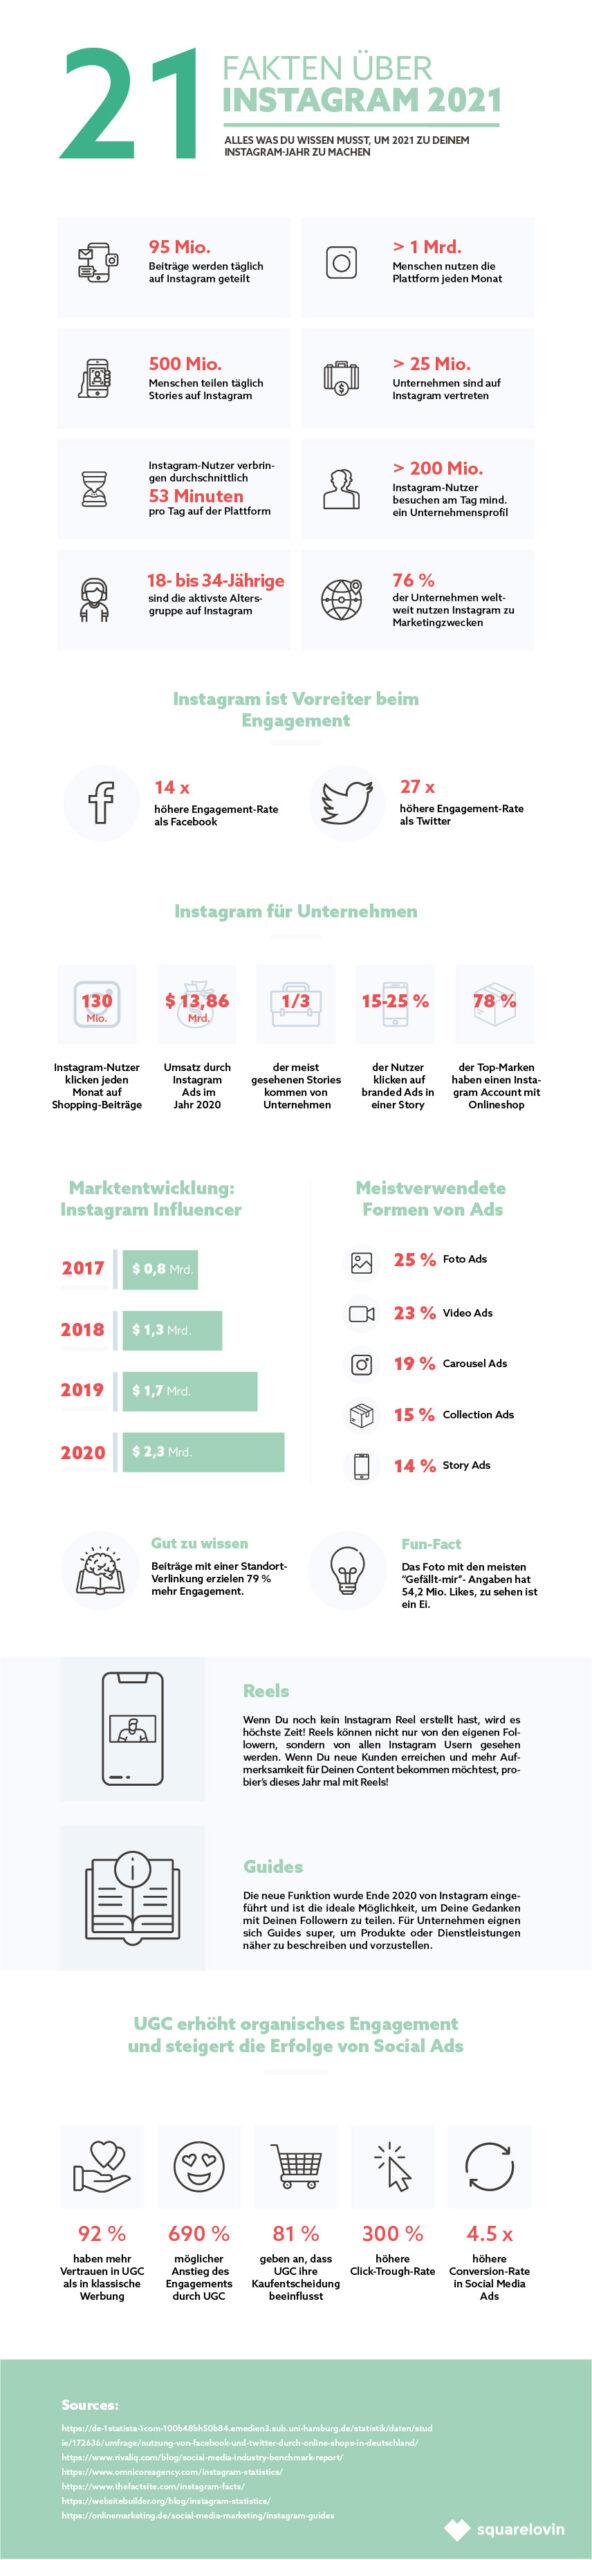 instagram-2021-iservice-medien-und-werbeagentur-21-fakten